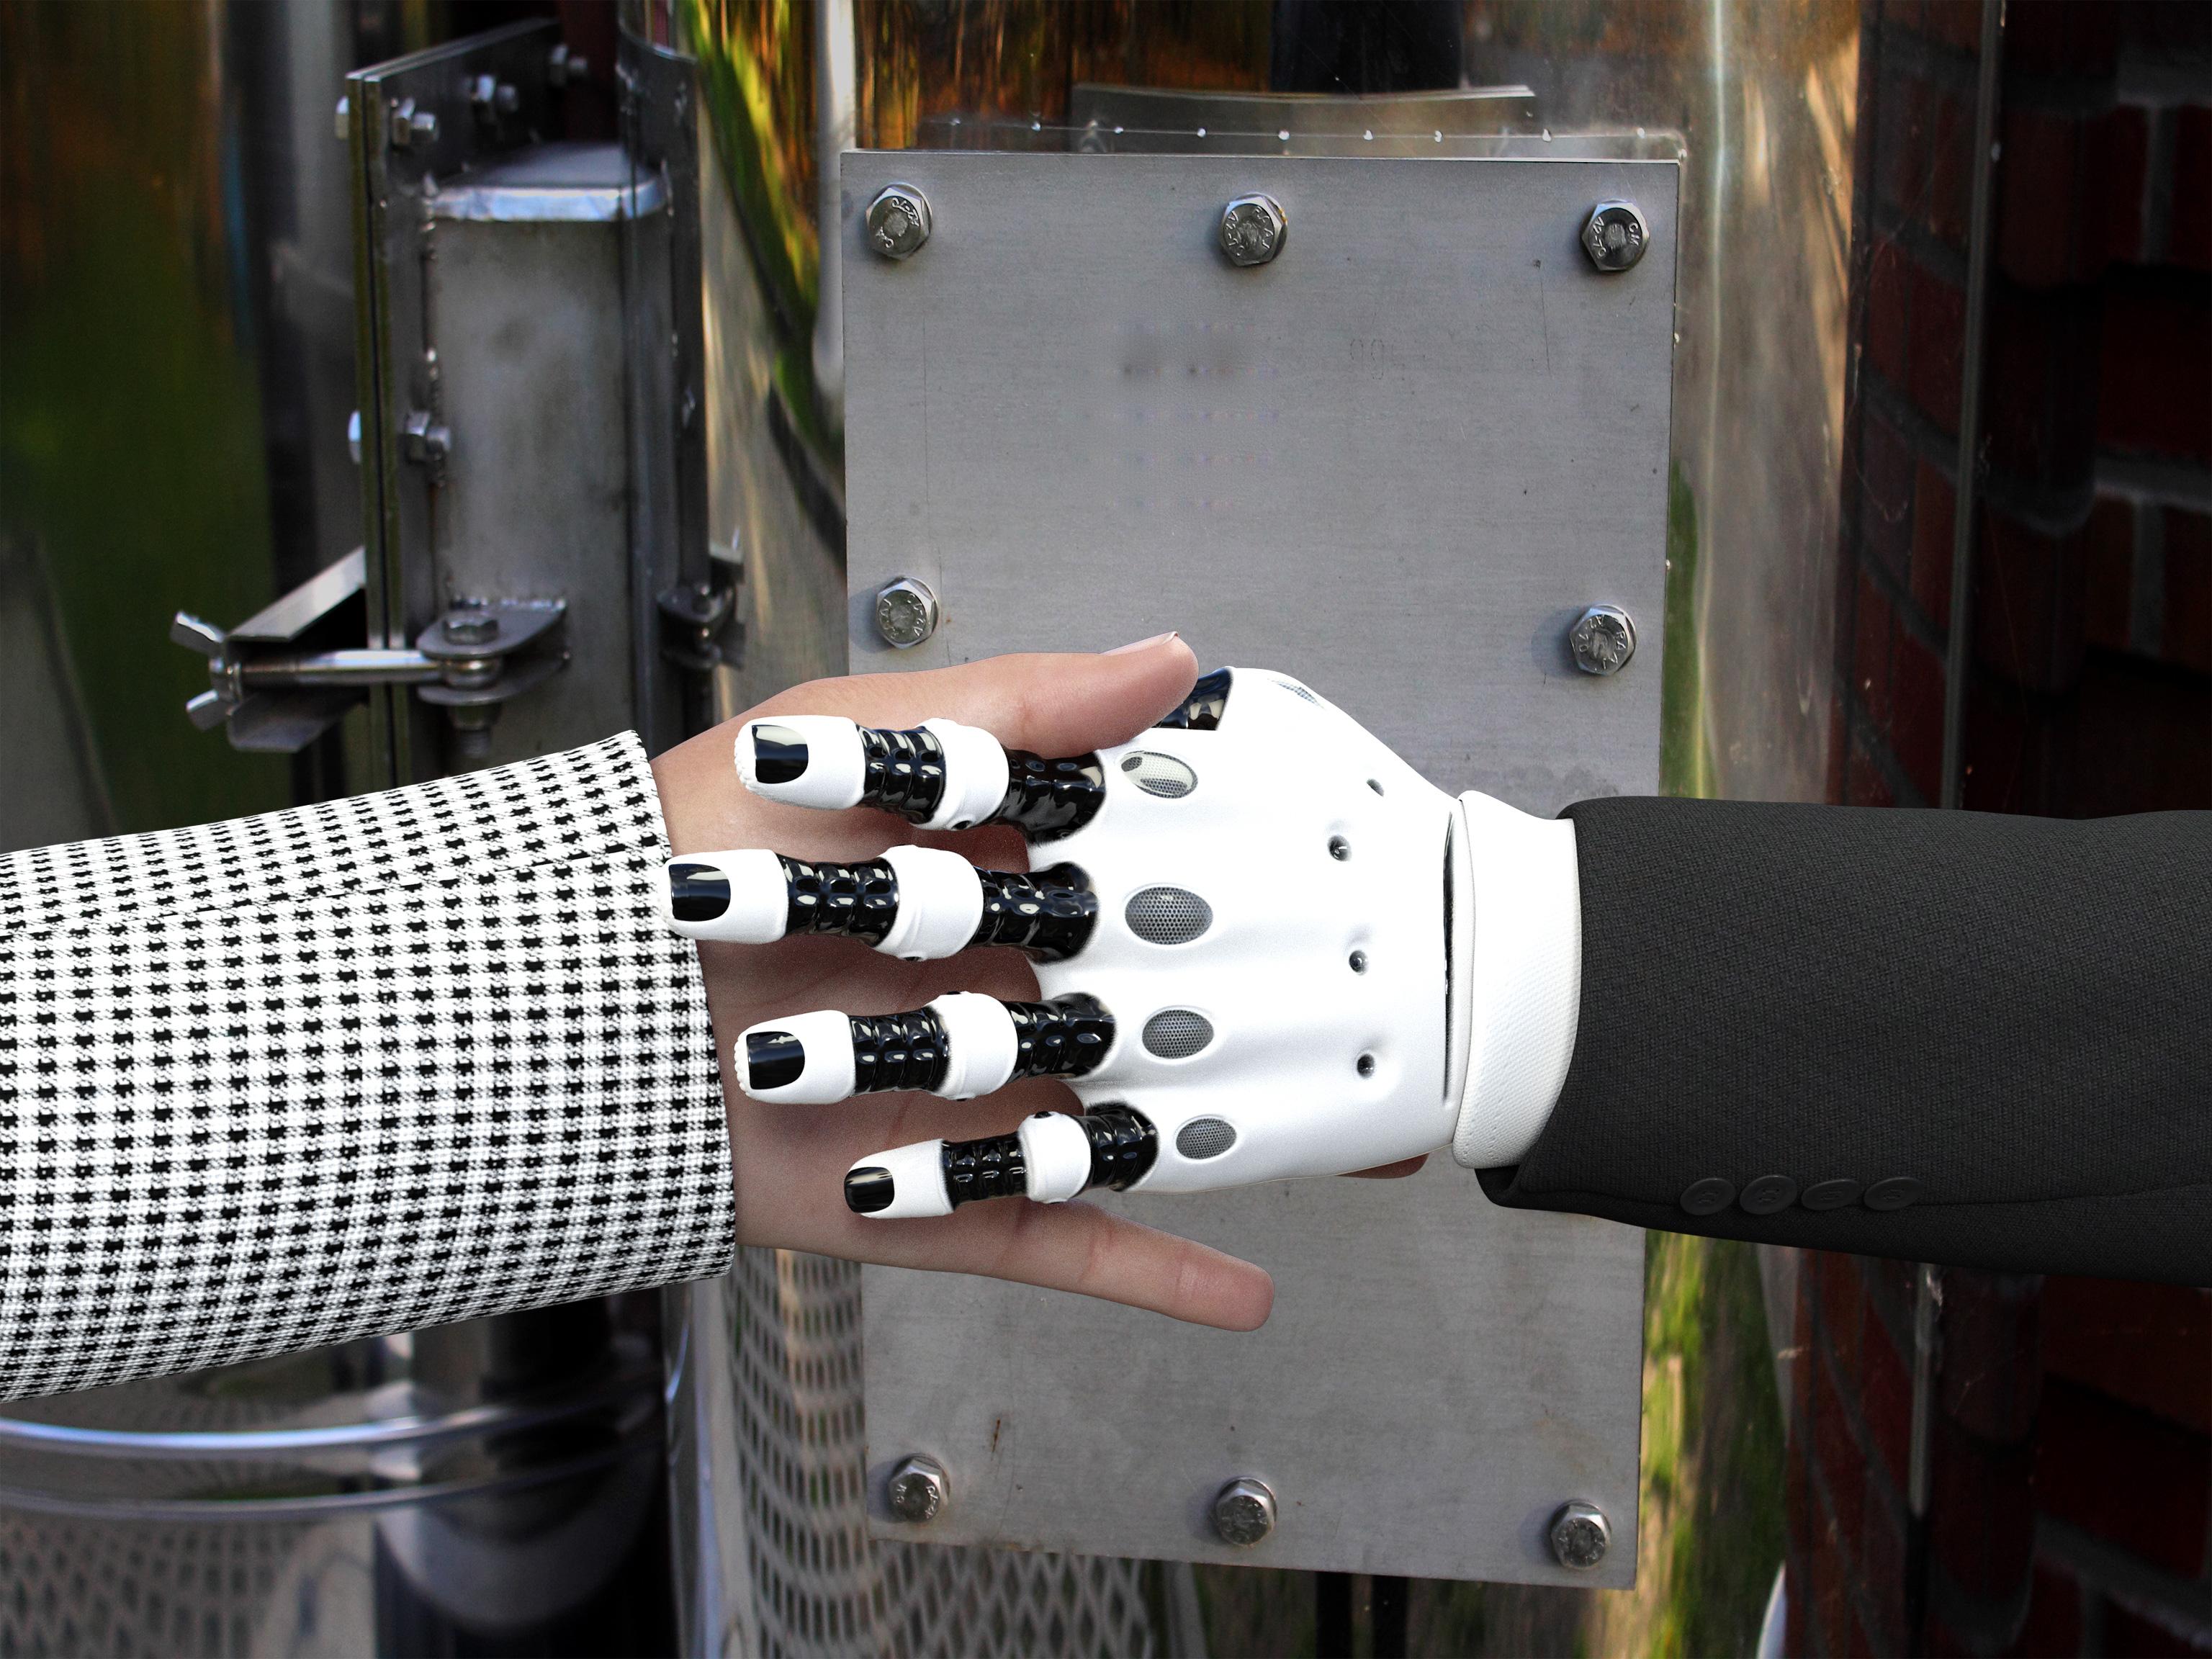 process-business-ideas-technology-development-factory-1458907-pxhere.com.jpg